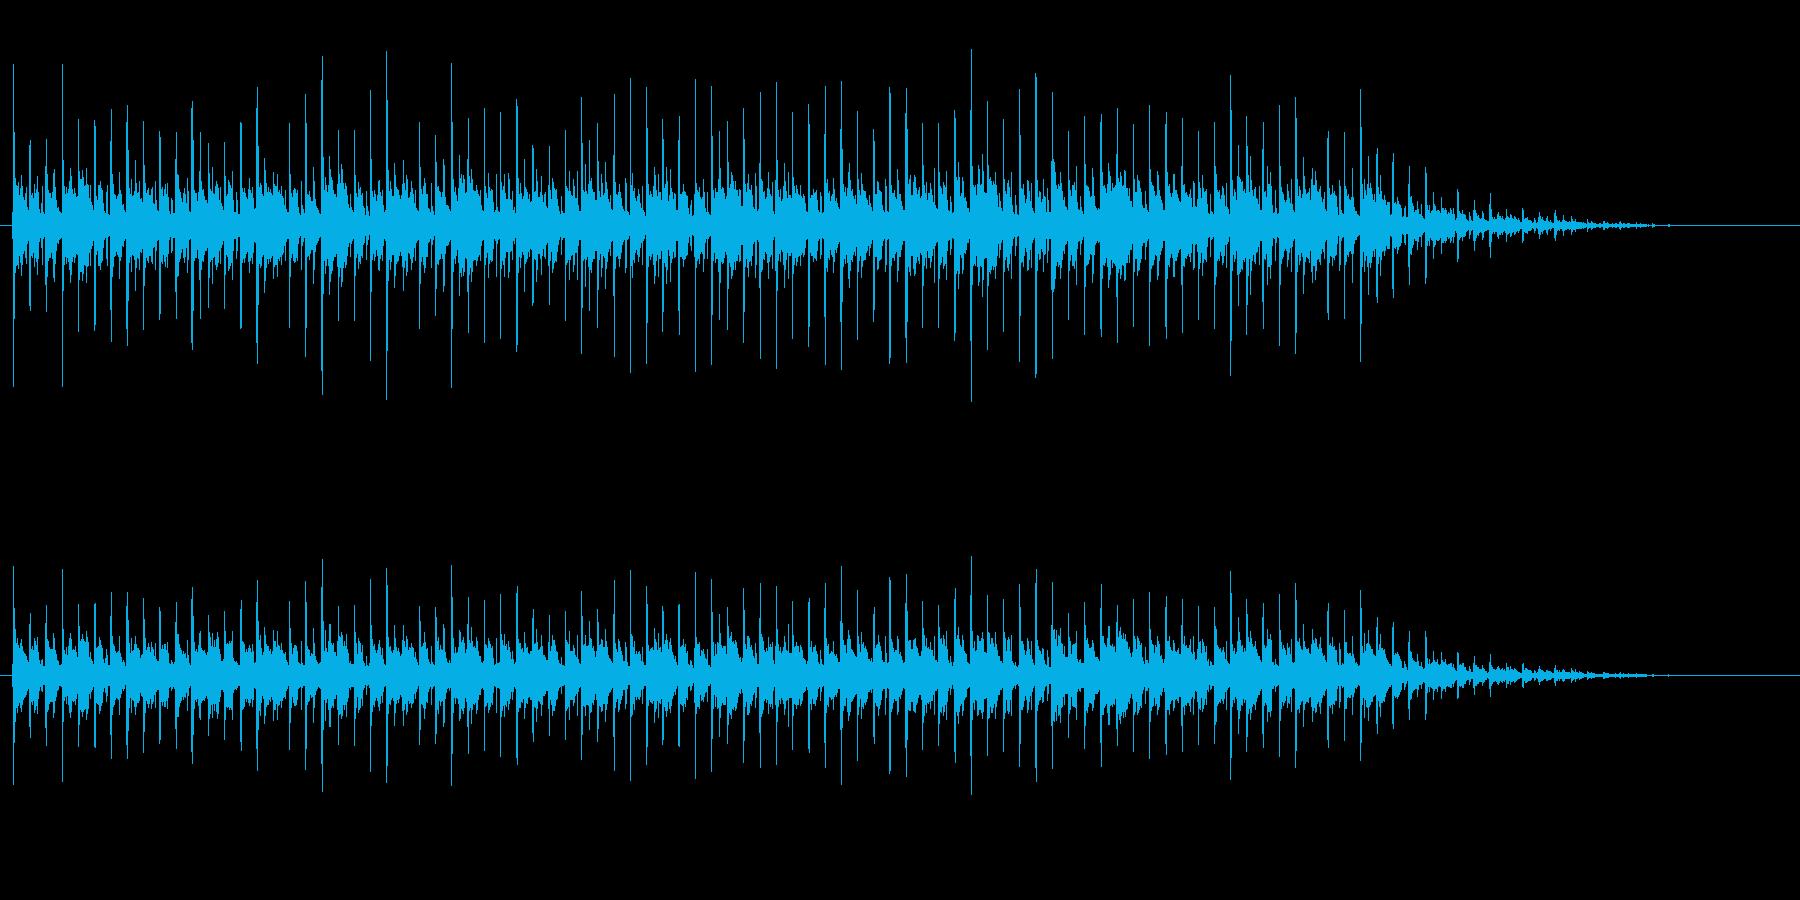 キラキラした日常系エレクトロニカの再生済みの波形